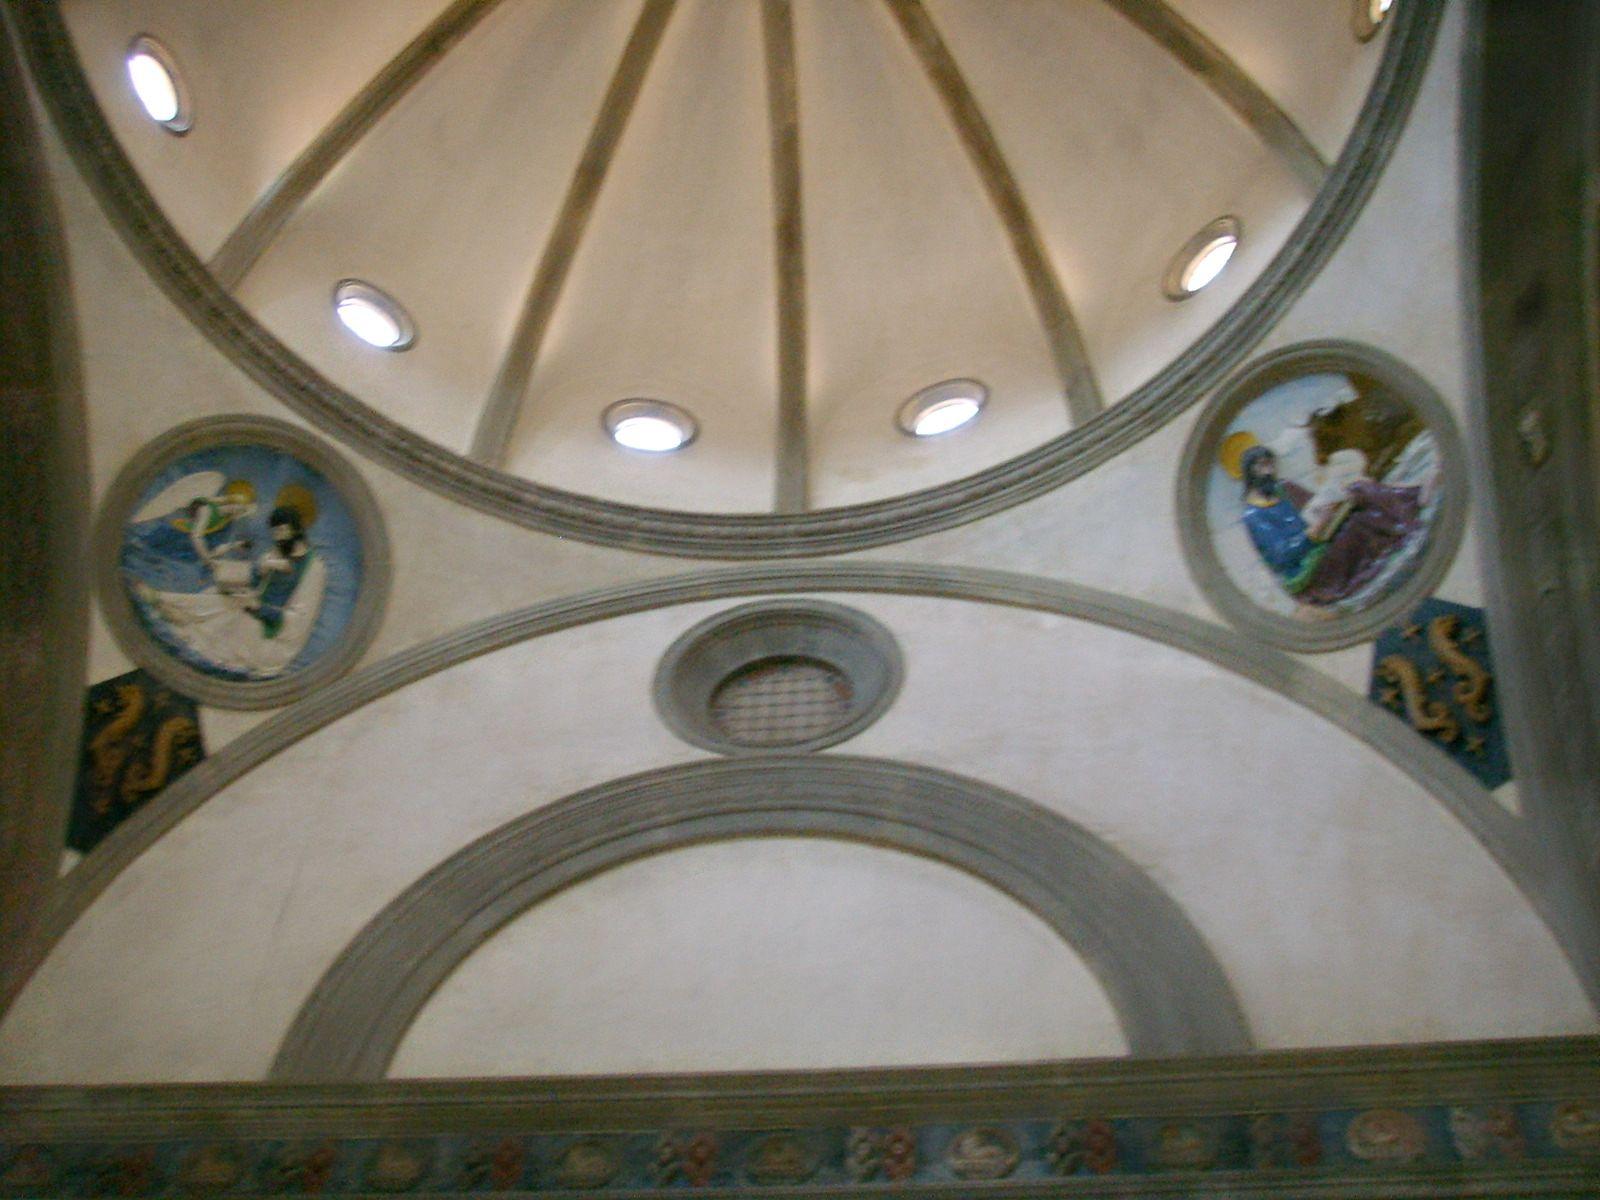 Chiesa di santa croce, cappella dei pazzi, cupola.